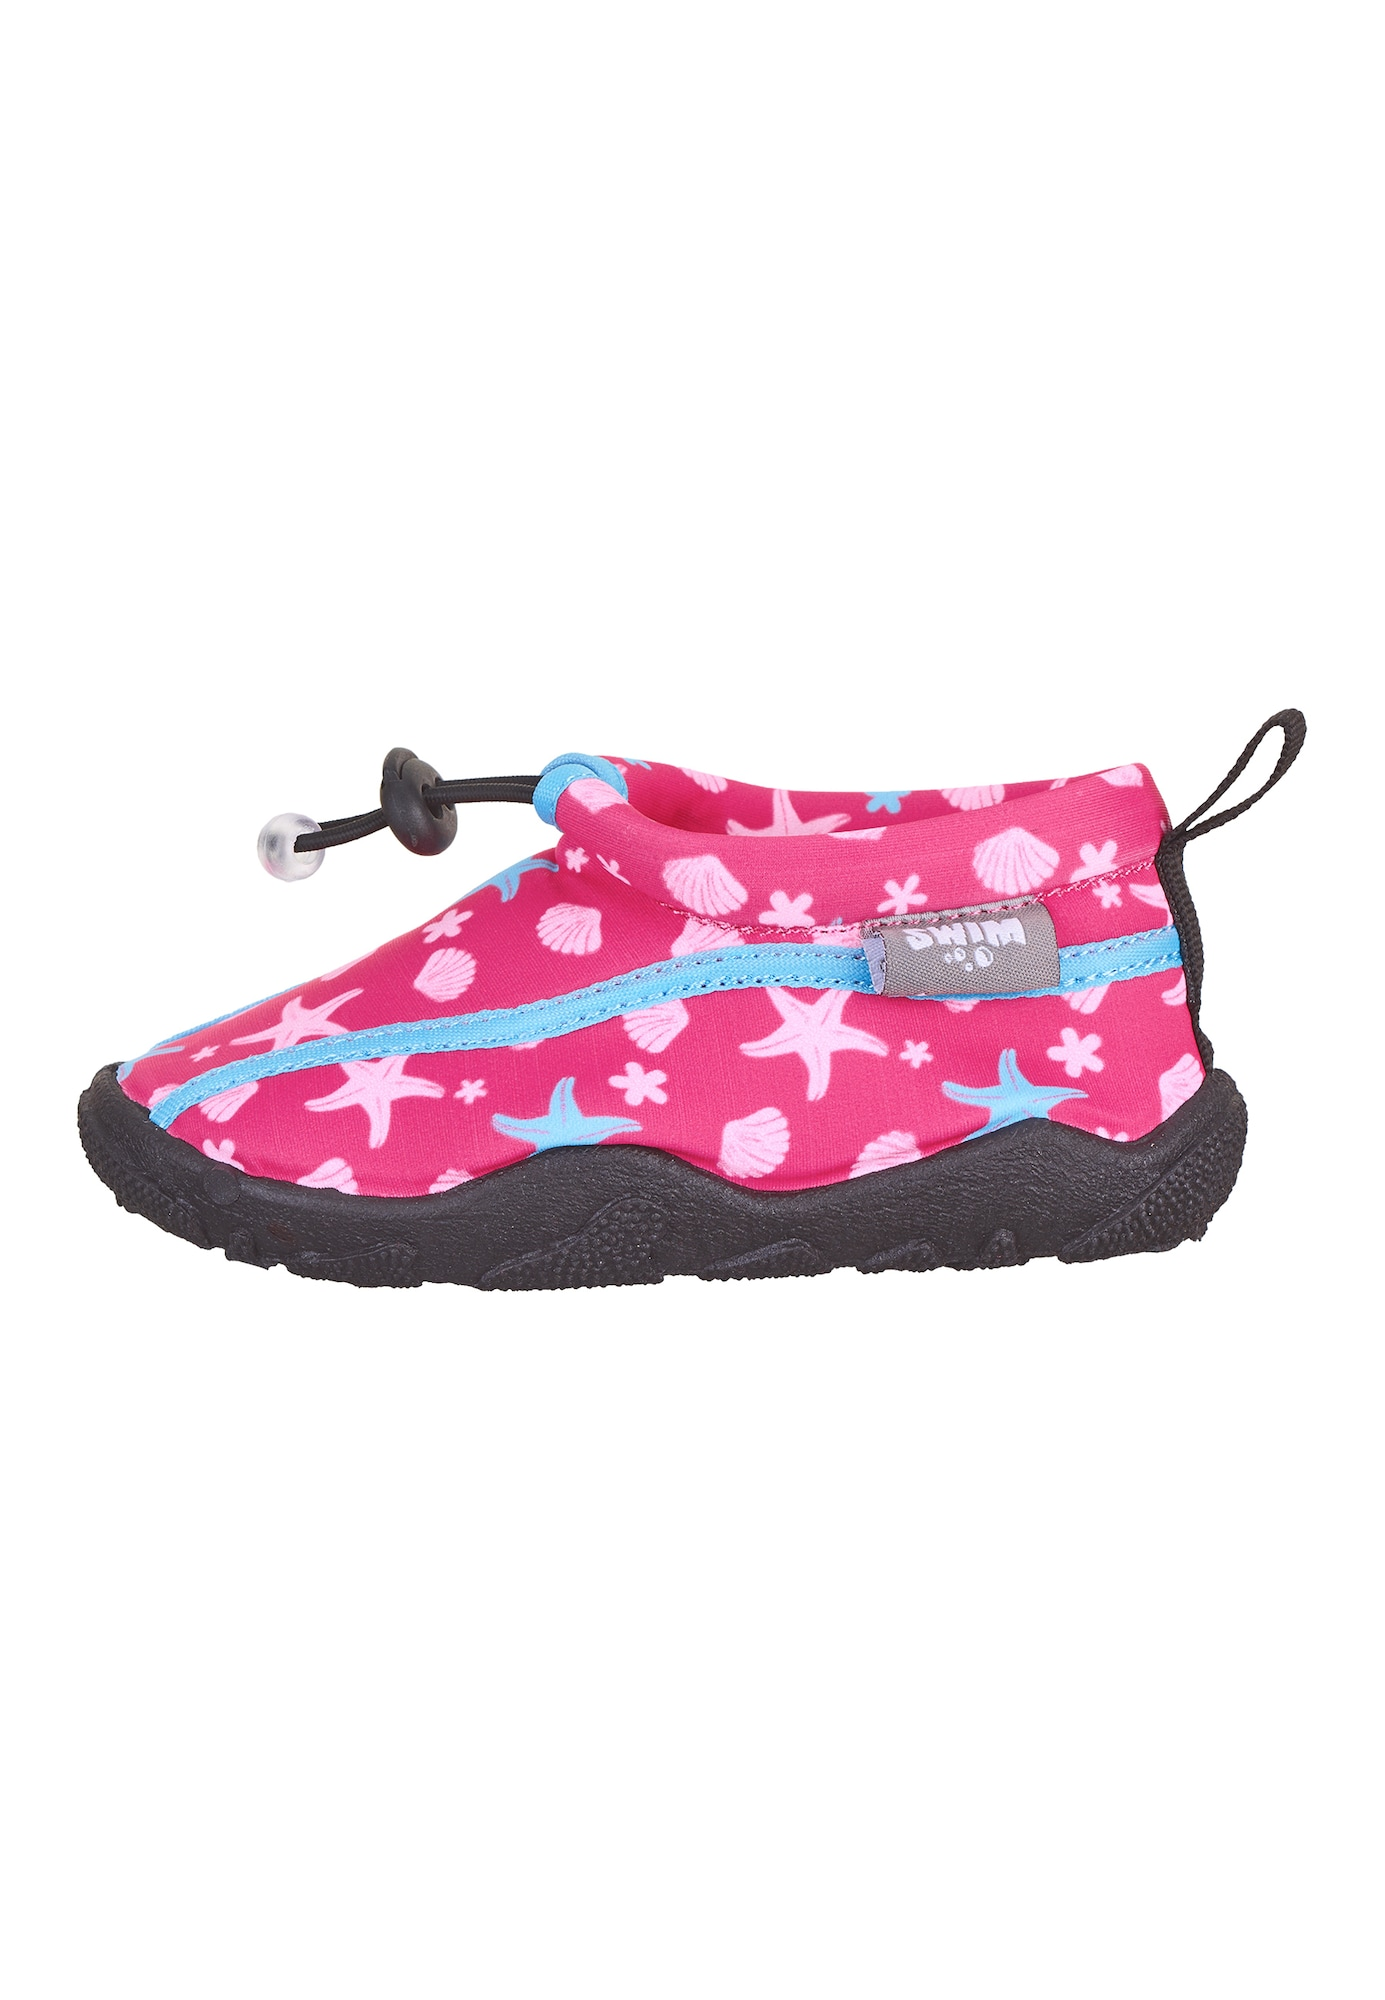 STERNTALER Sandalai / maudymosi batai mišrios spalvos